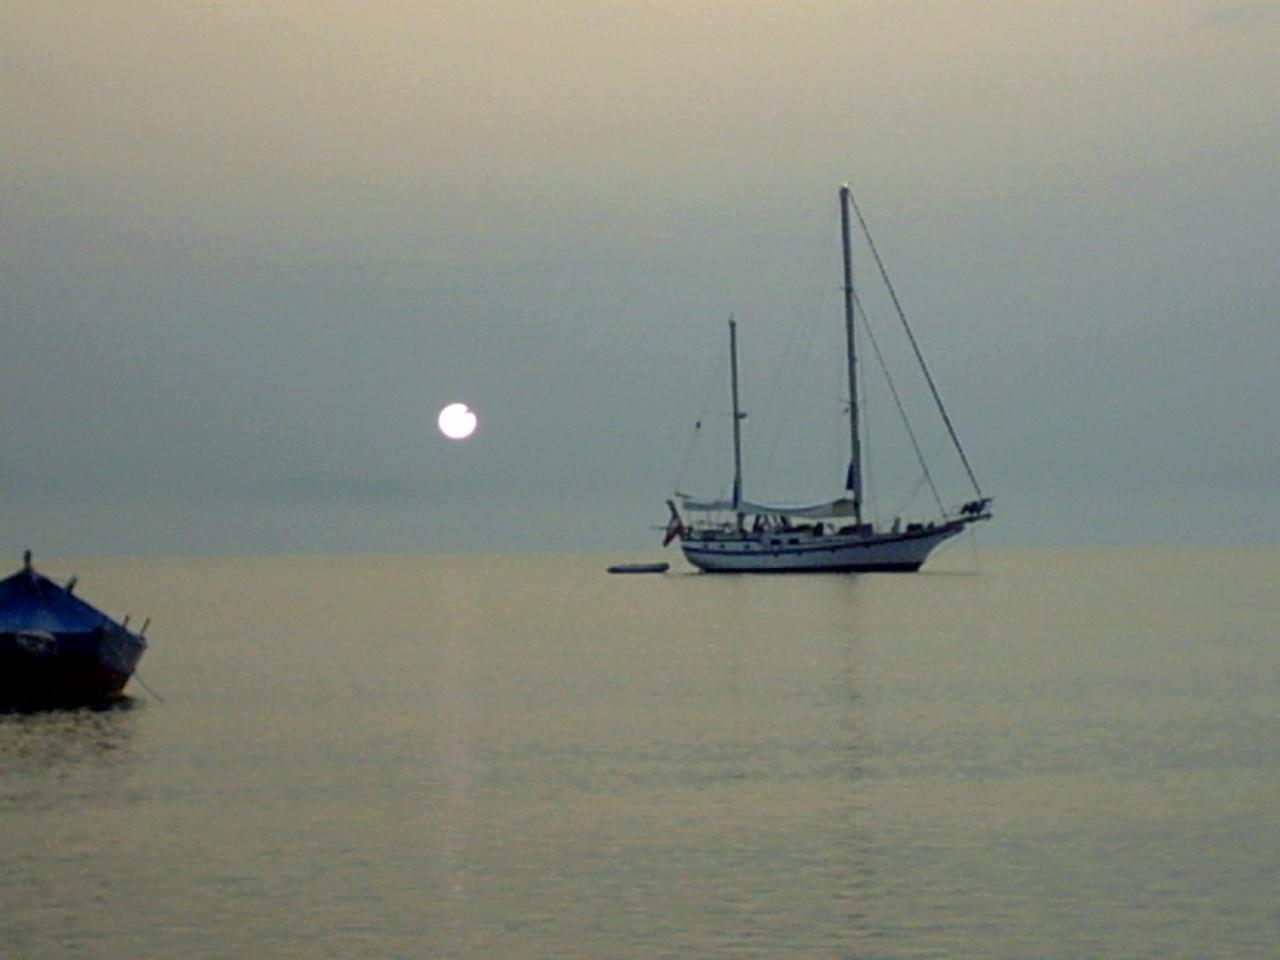 immagini tramonti, isola felice, viaggio vacanza corfu, barca pescatori